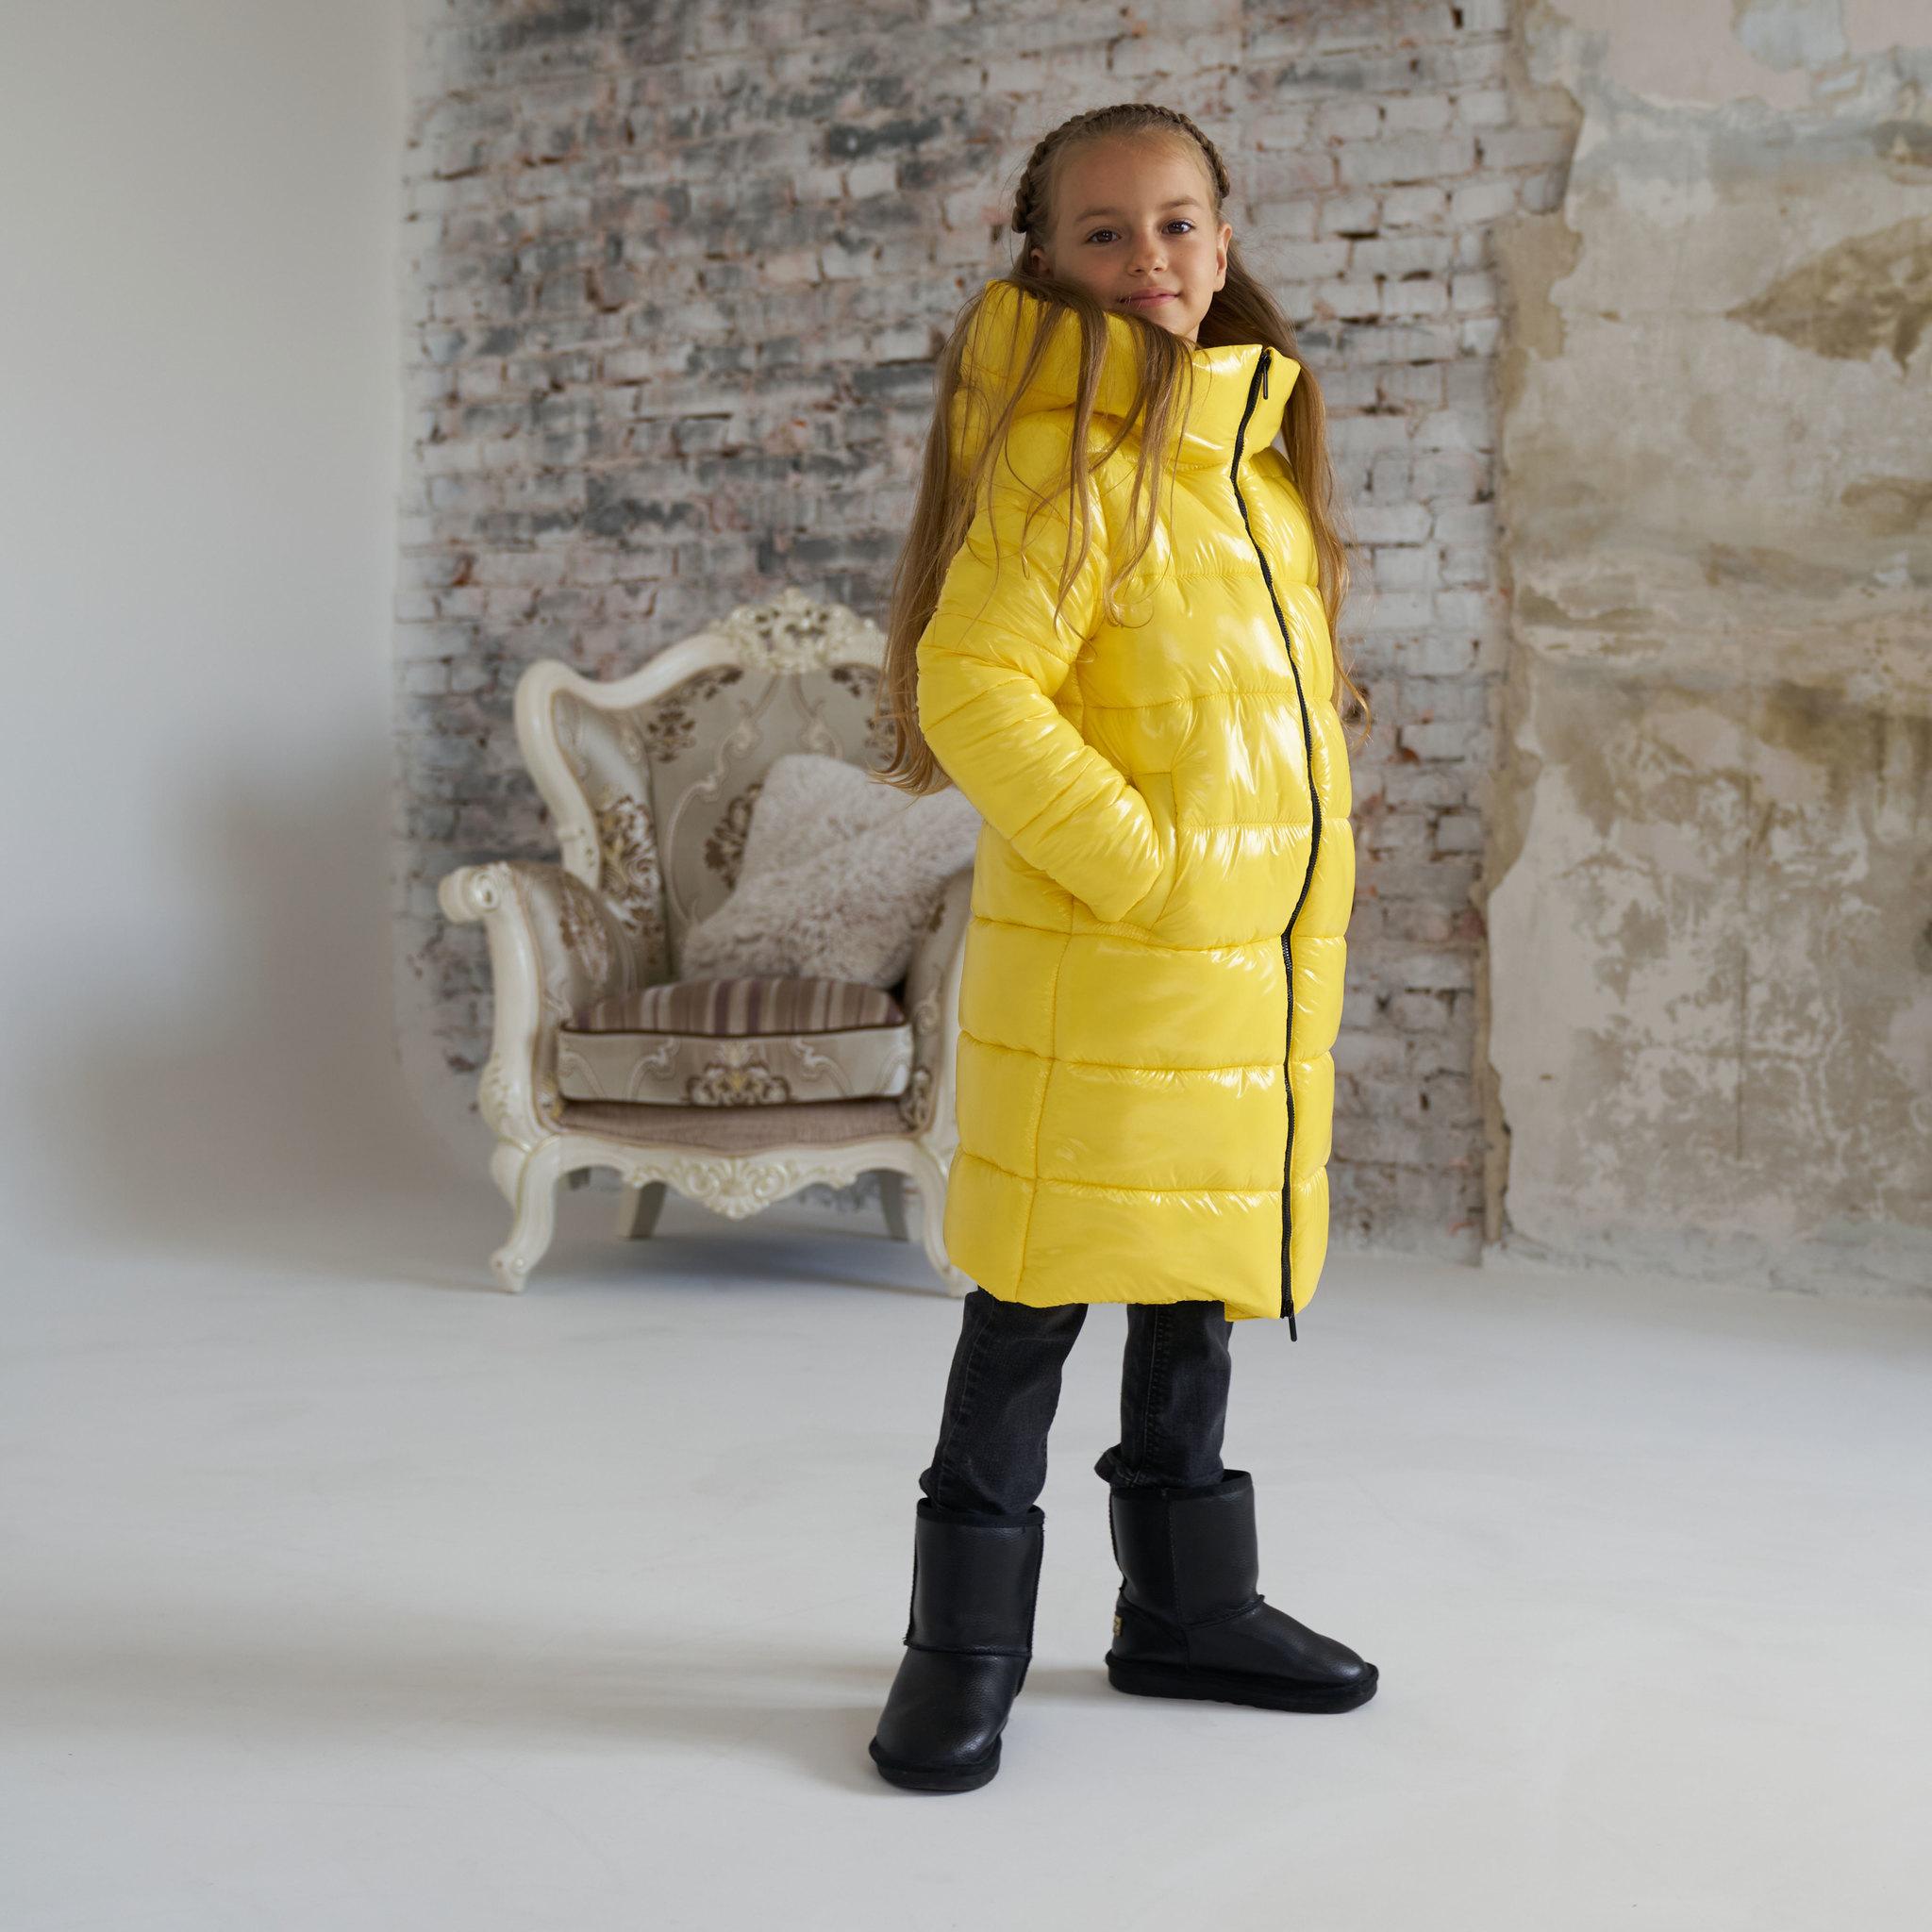 Детское ,подростковое зимнее пальто для девочки в желтом цвете